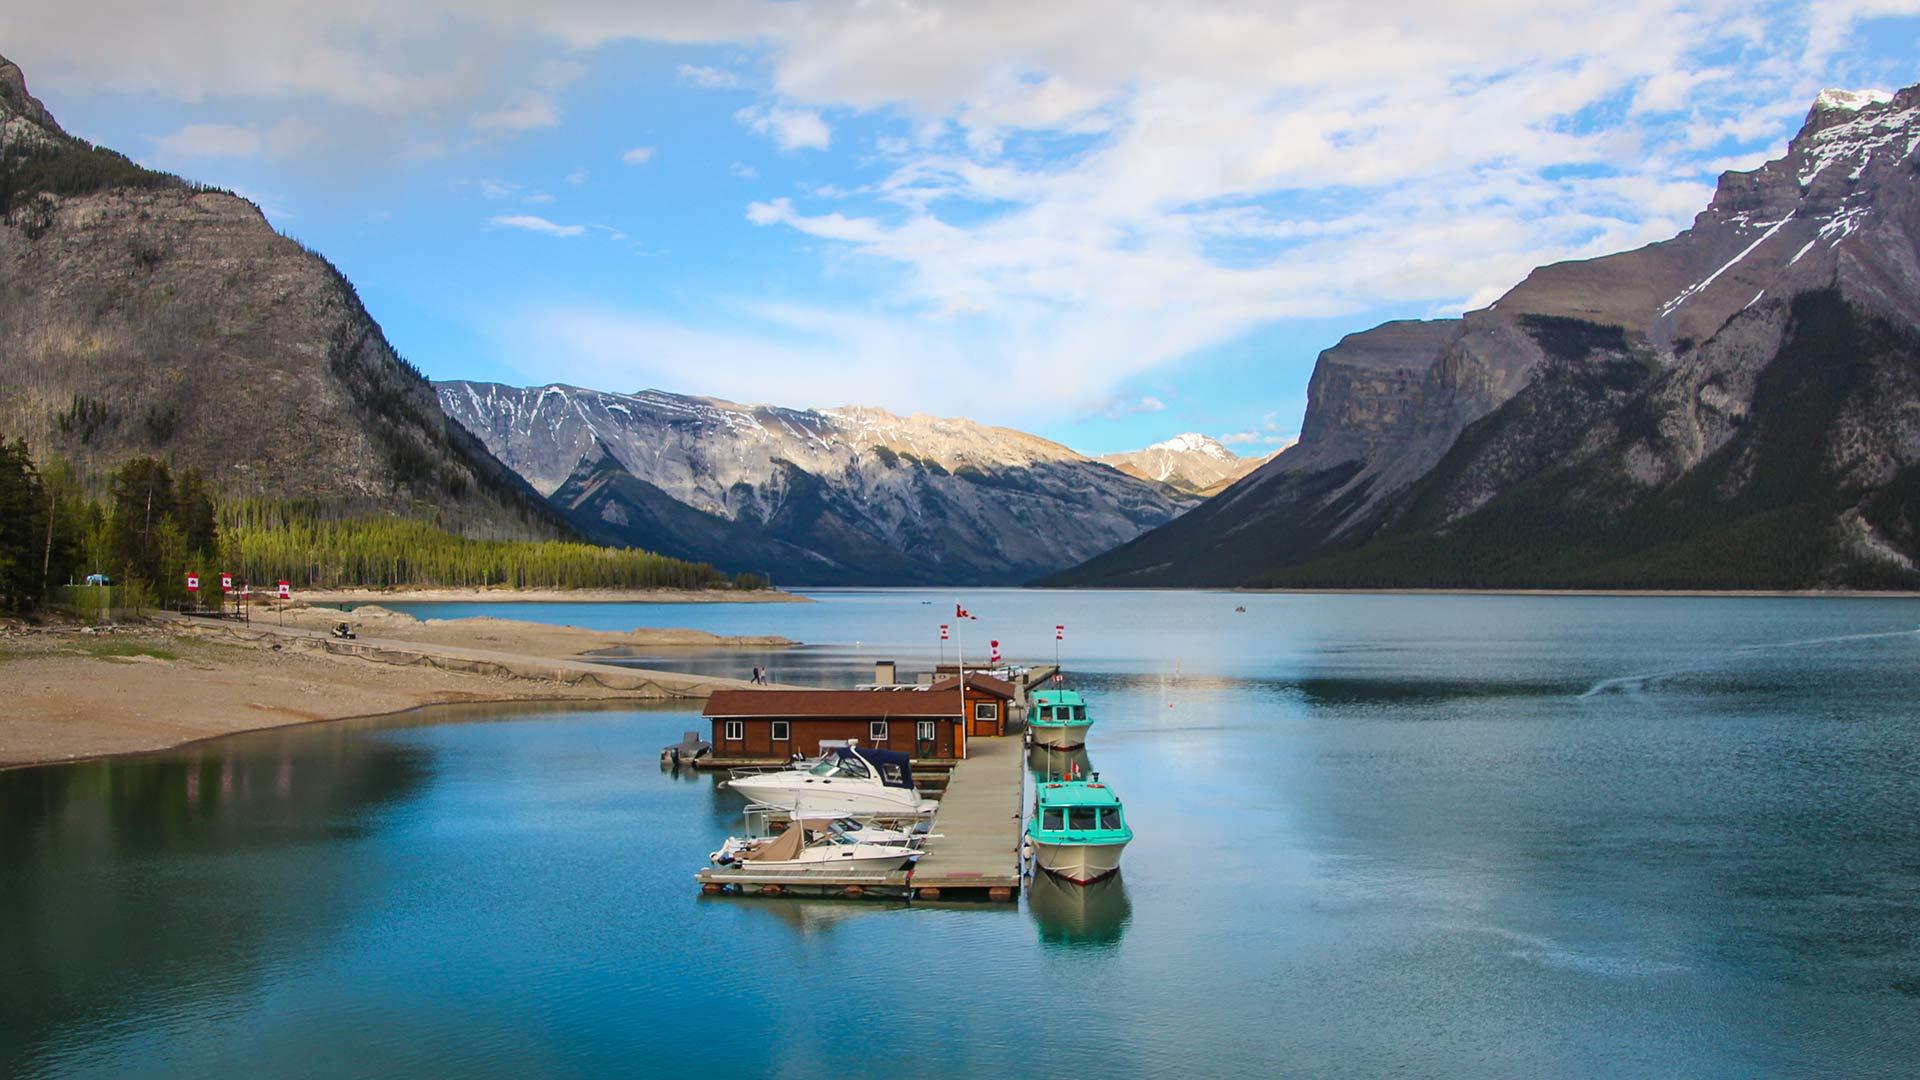 viaje-fotografico-canada-montañas-rocosas